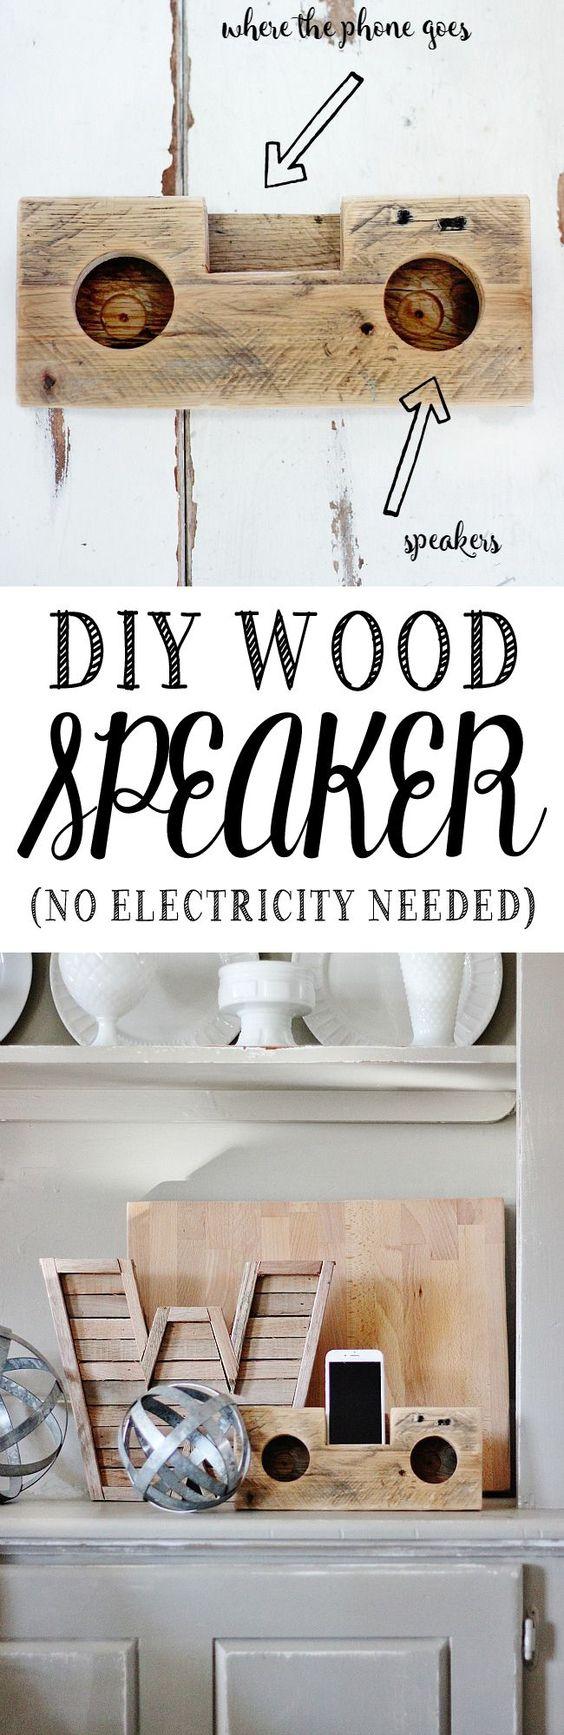 Diy wood speaker no electricity needed diy wood for Diy wood door projects